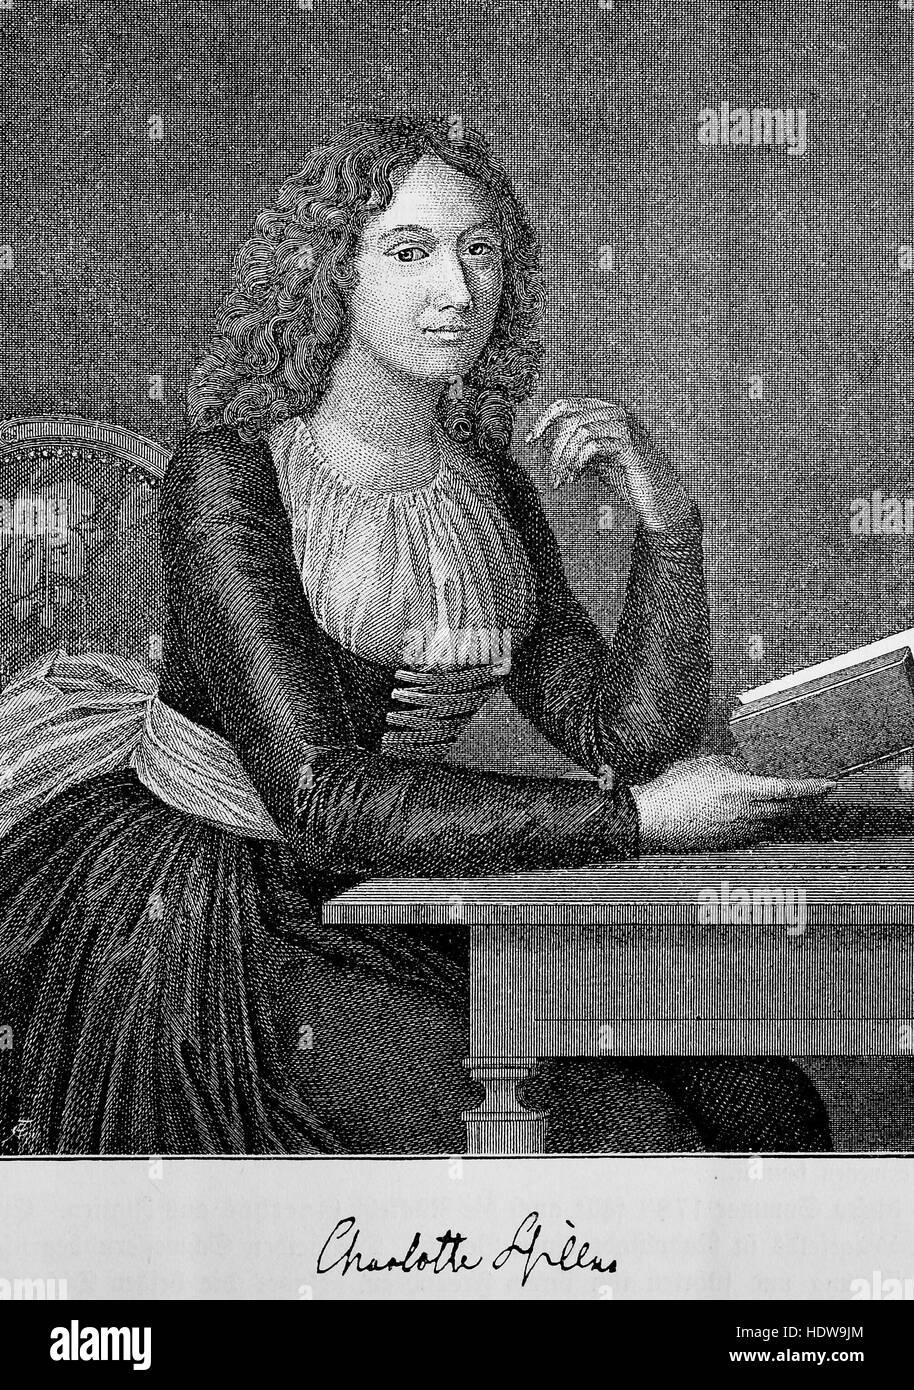 Charlotte Luise Antoinette von Schiller, born Charlotte von Lengefeld, 1766-1826, the wife of German poet Friedrich - Stock Image